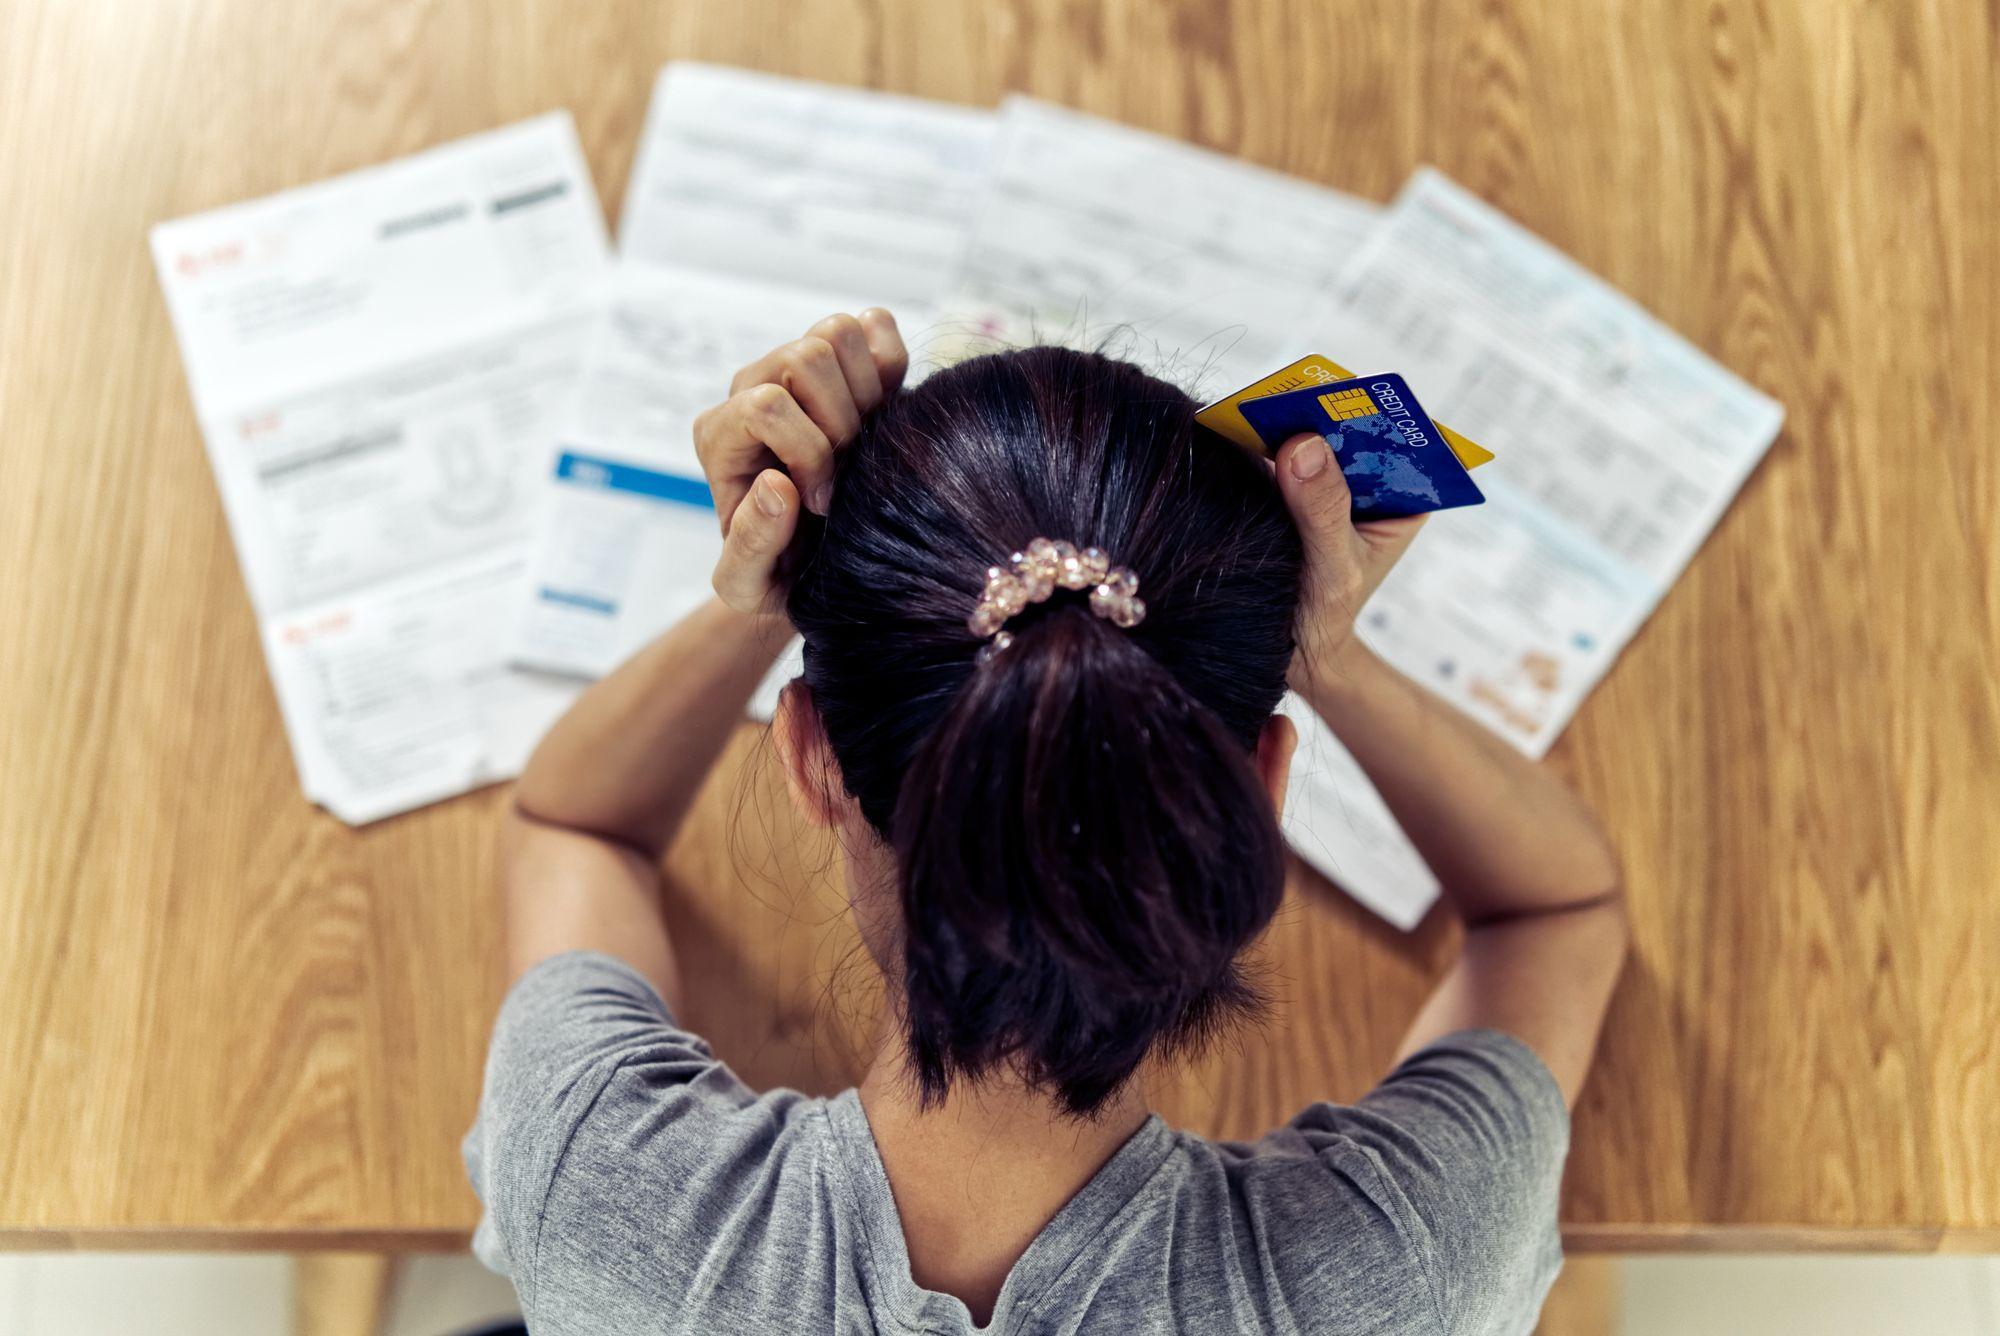 ¿Qué es la consolidación de deudas y cómo consolidar mis deudas?